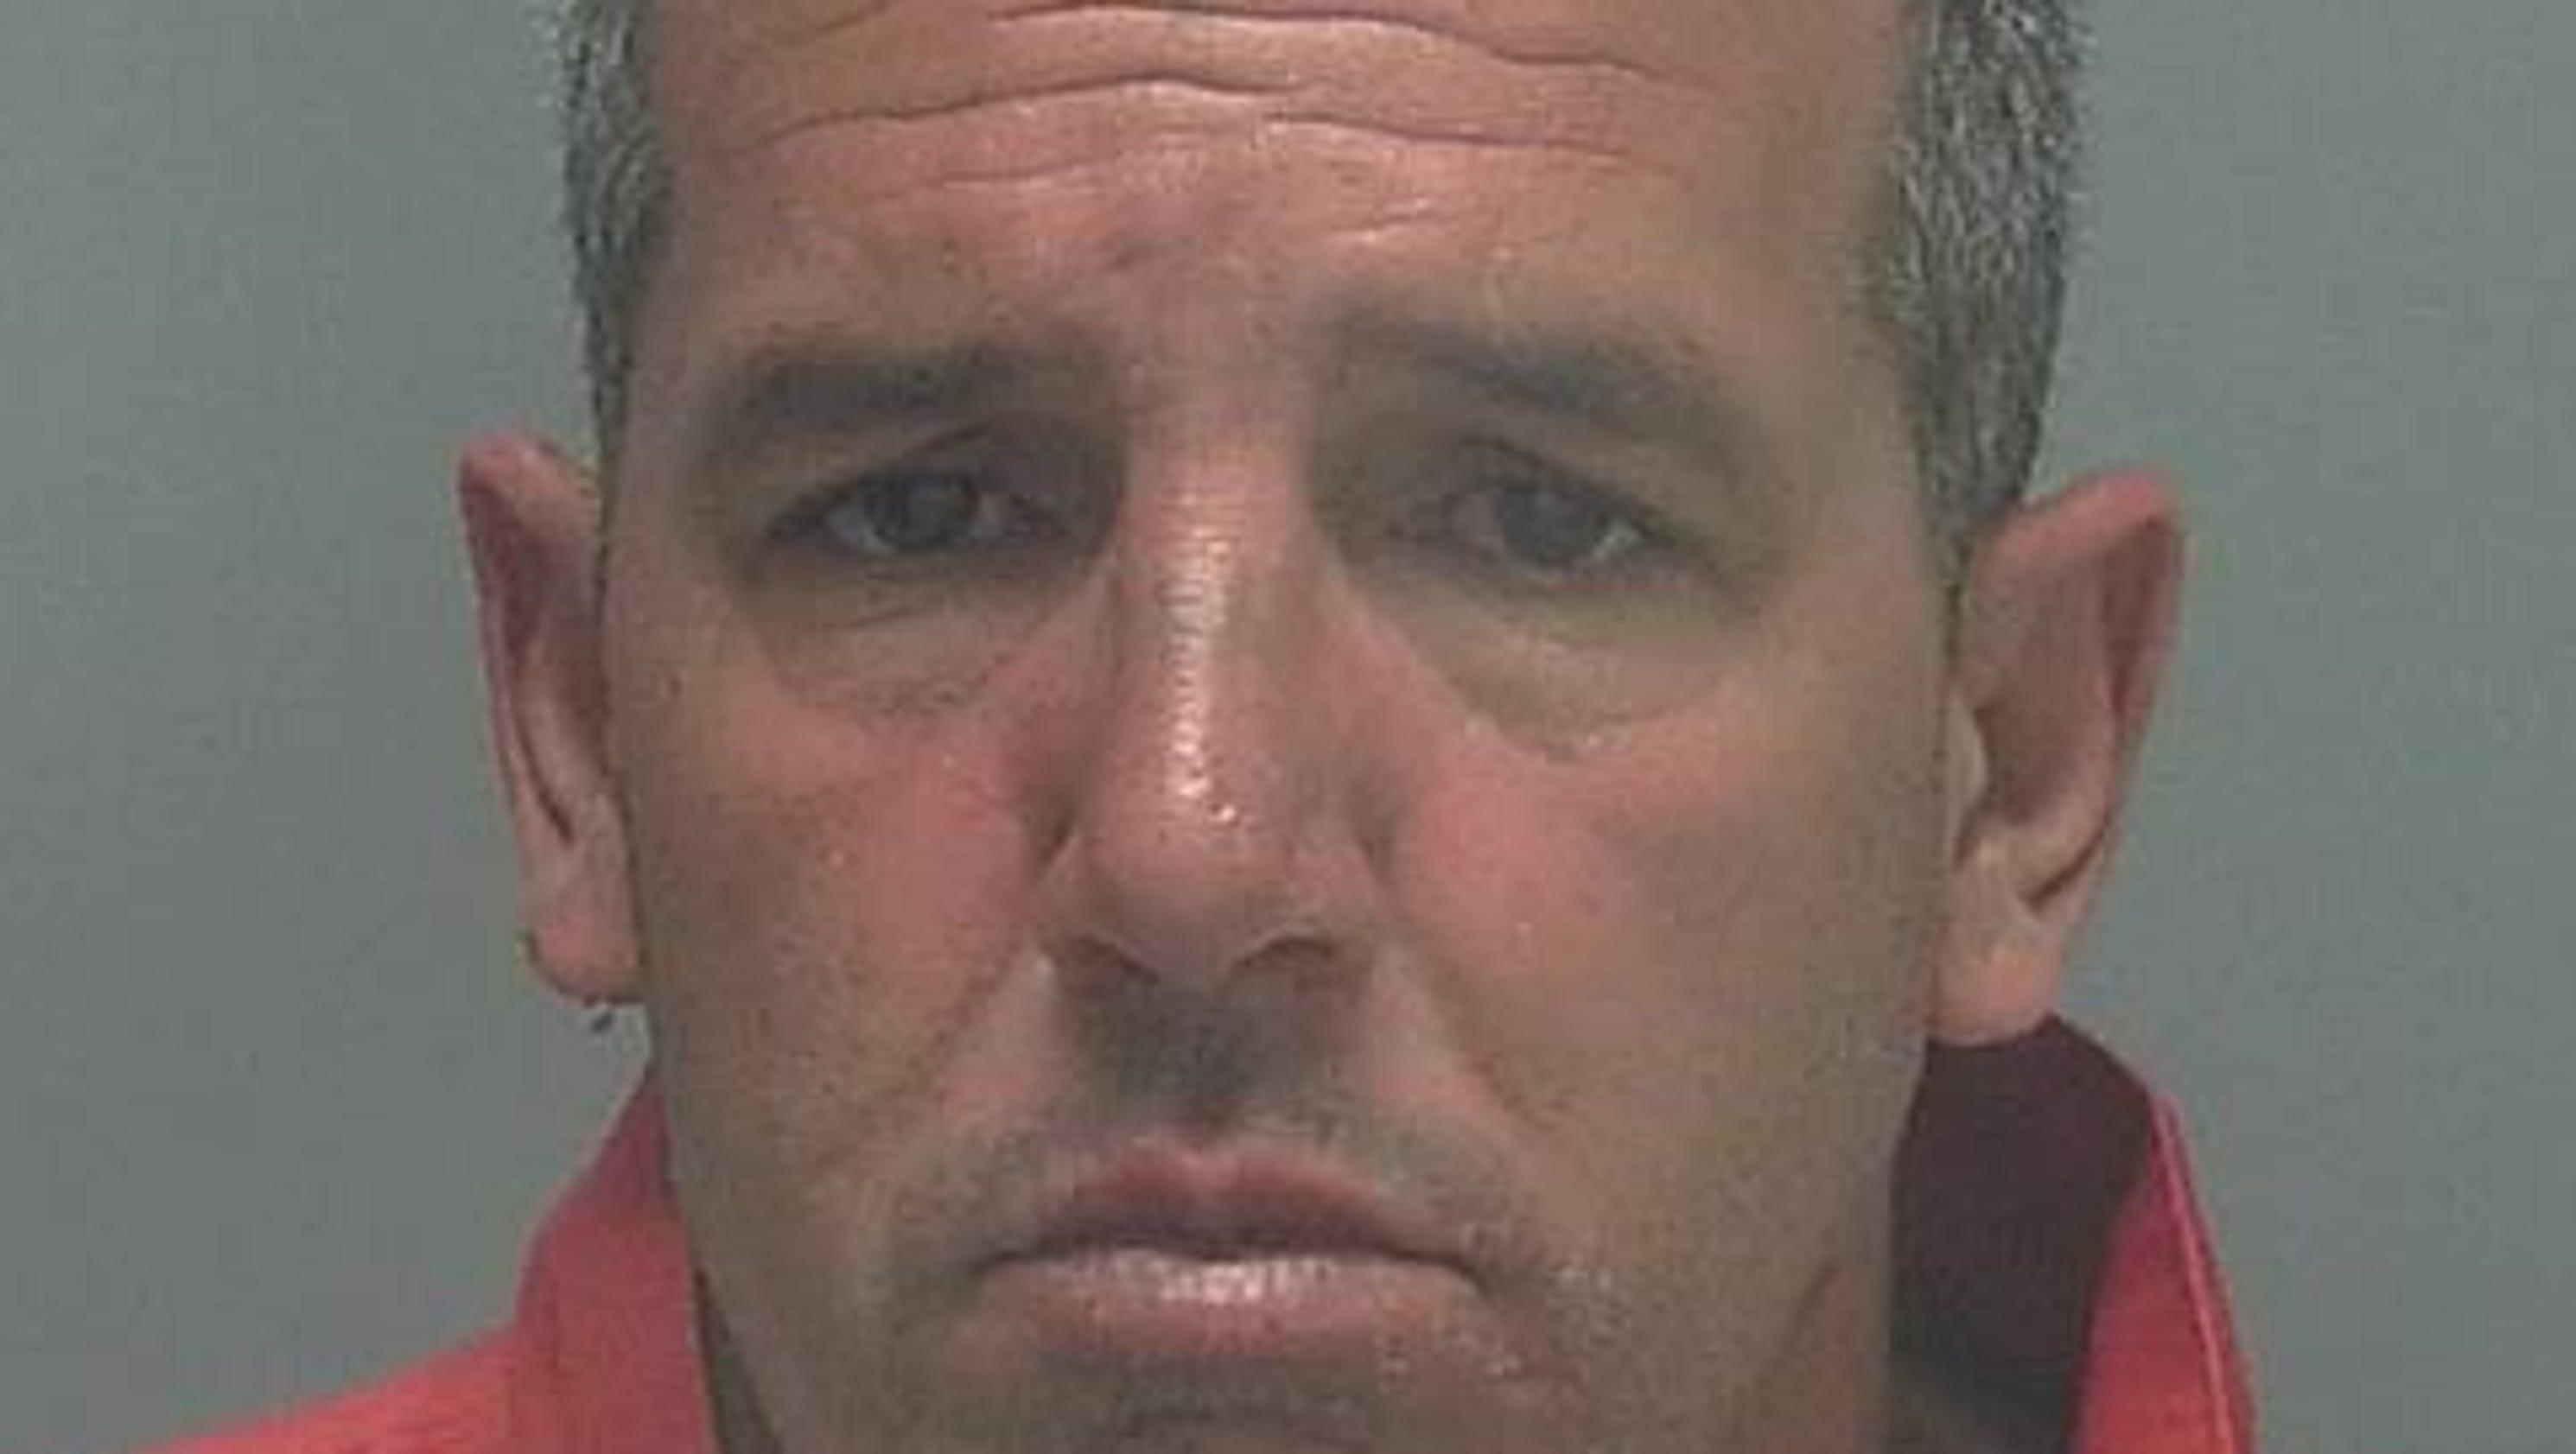 Lee county arrests 3 1 - Carlos domenech ...